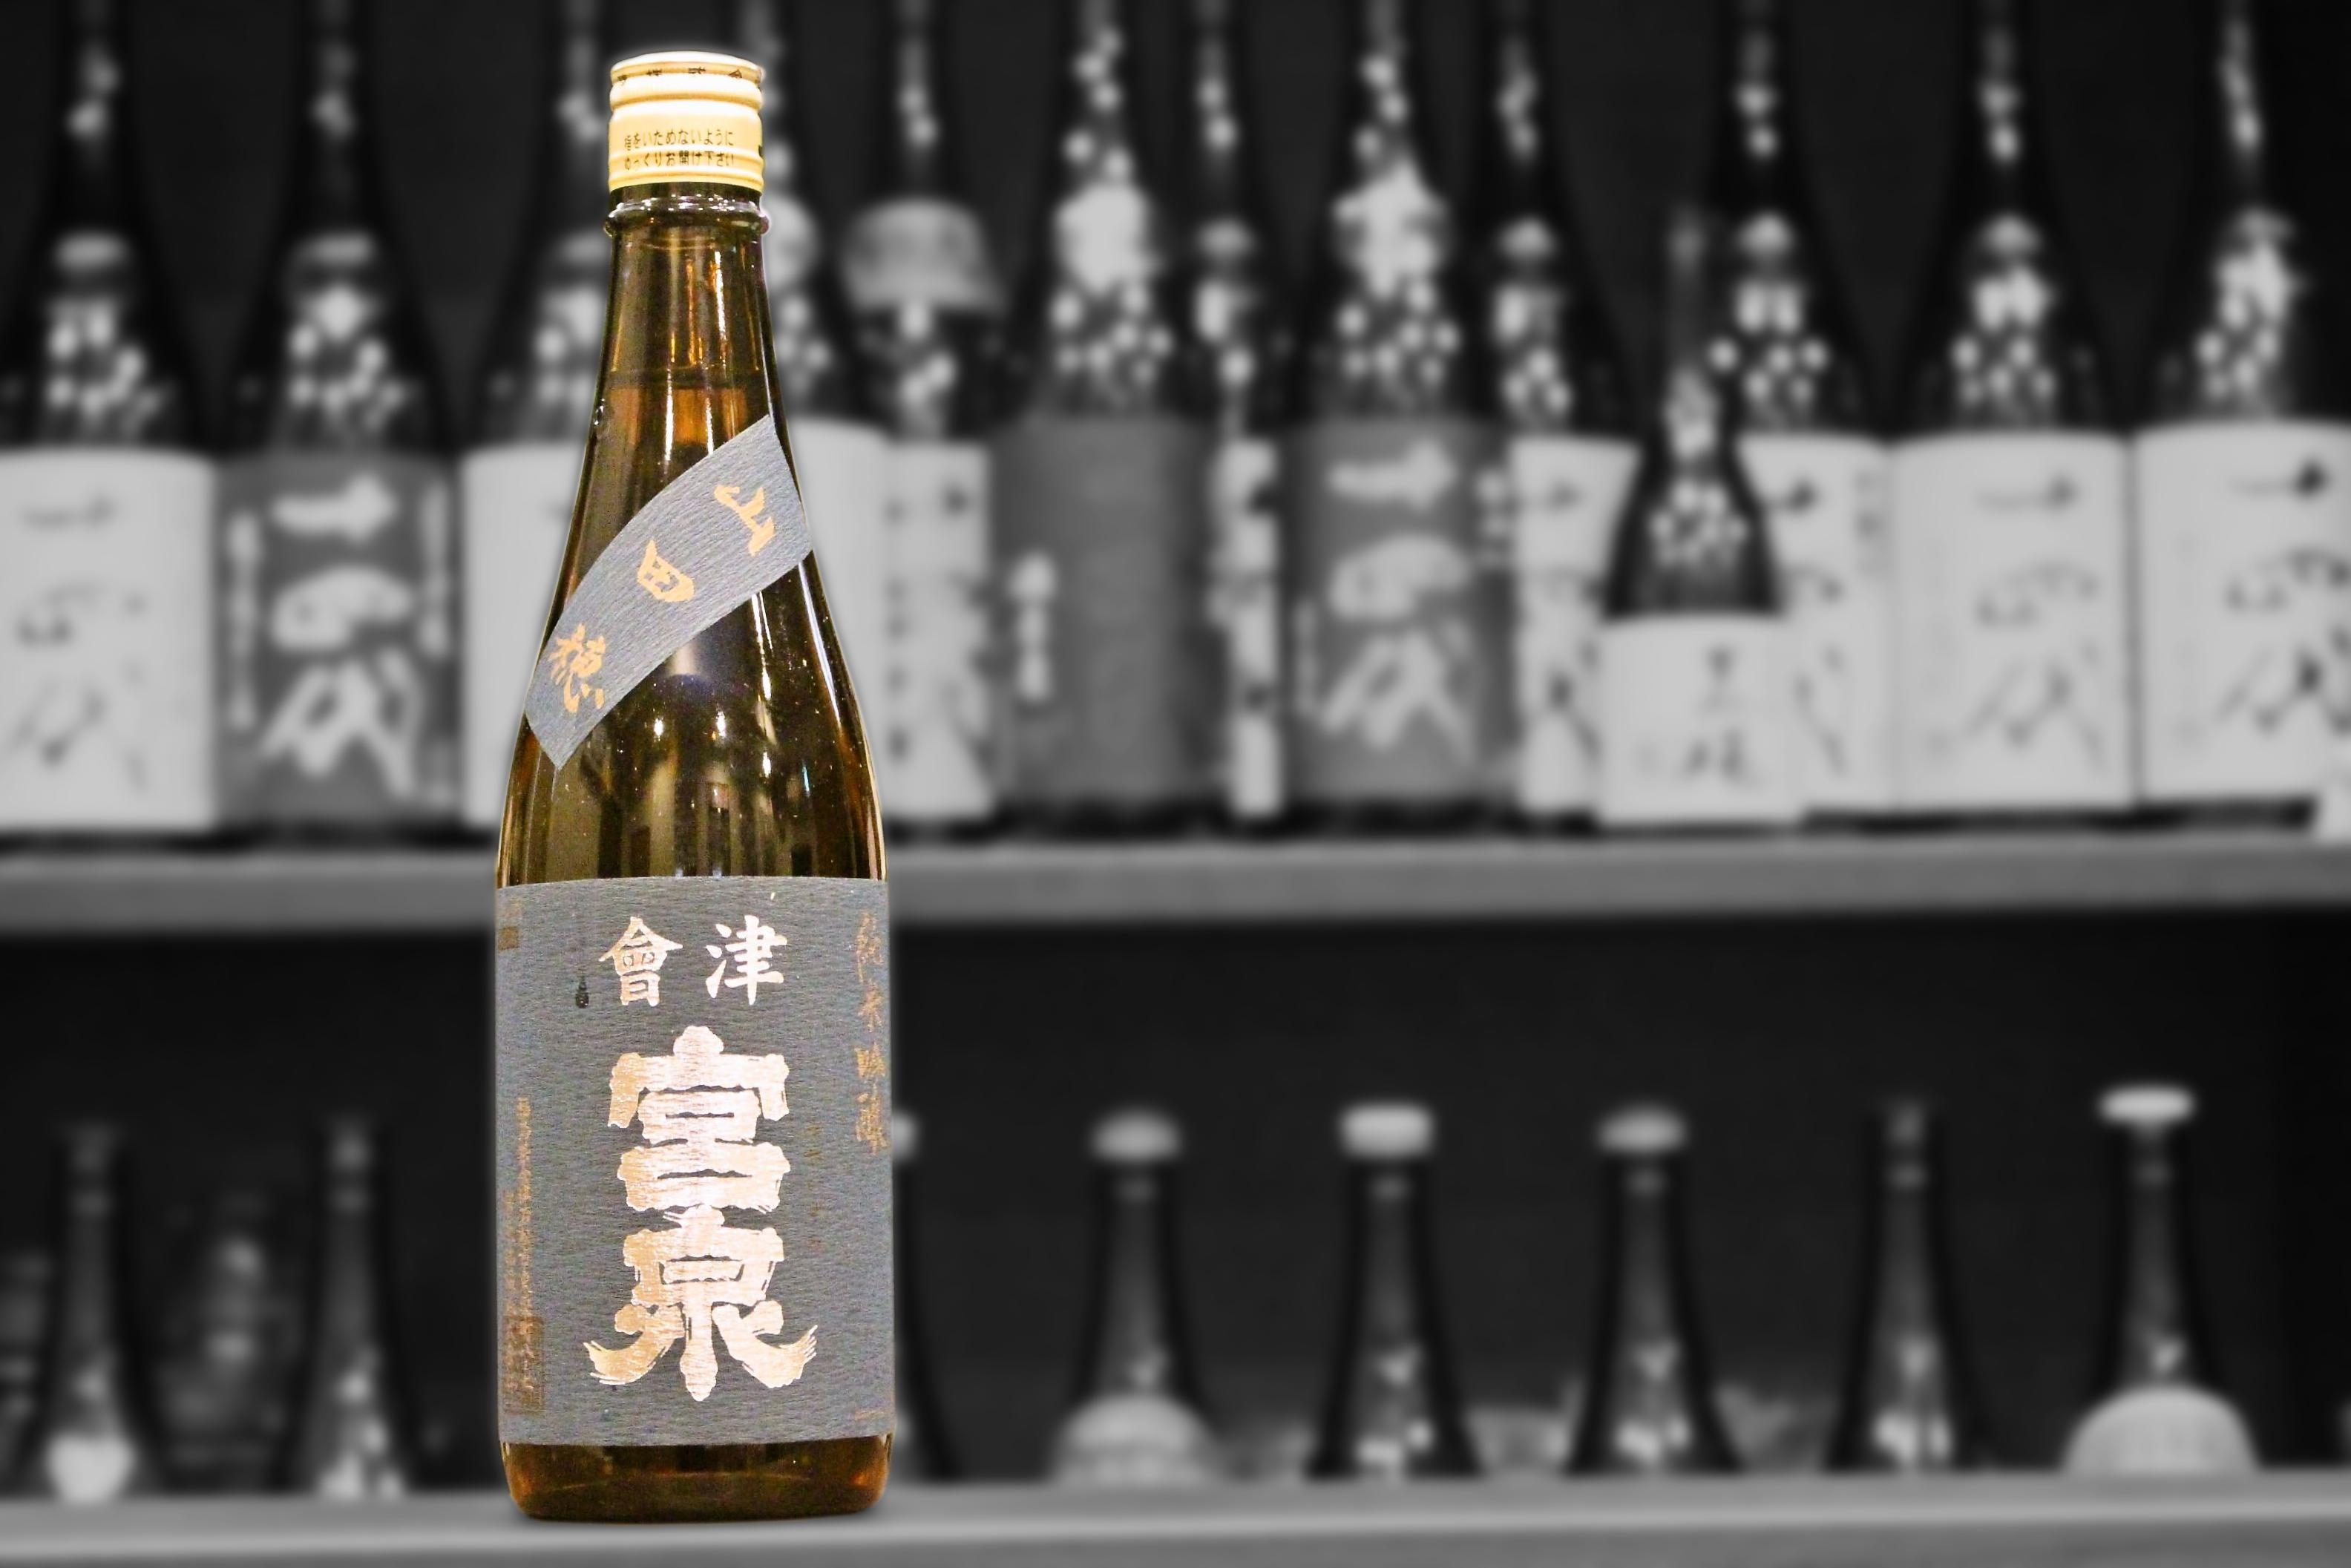 宮泉純米吟醸山田穂202010-001